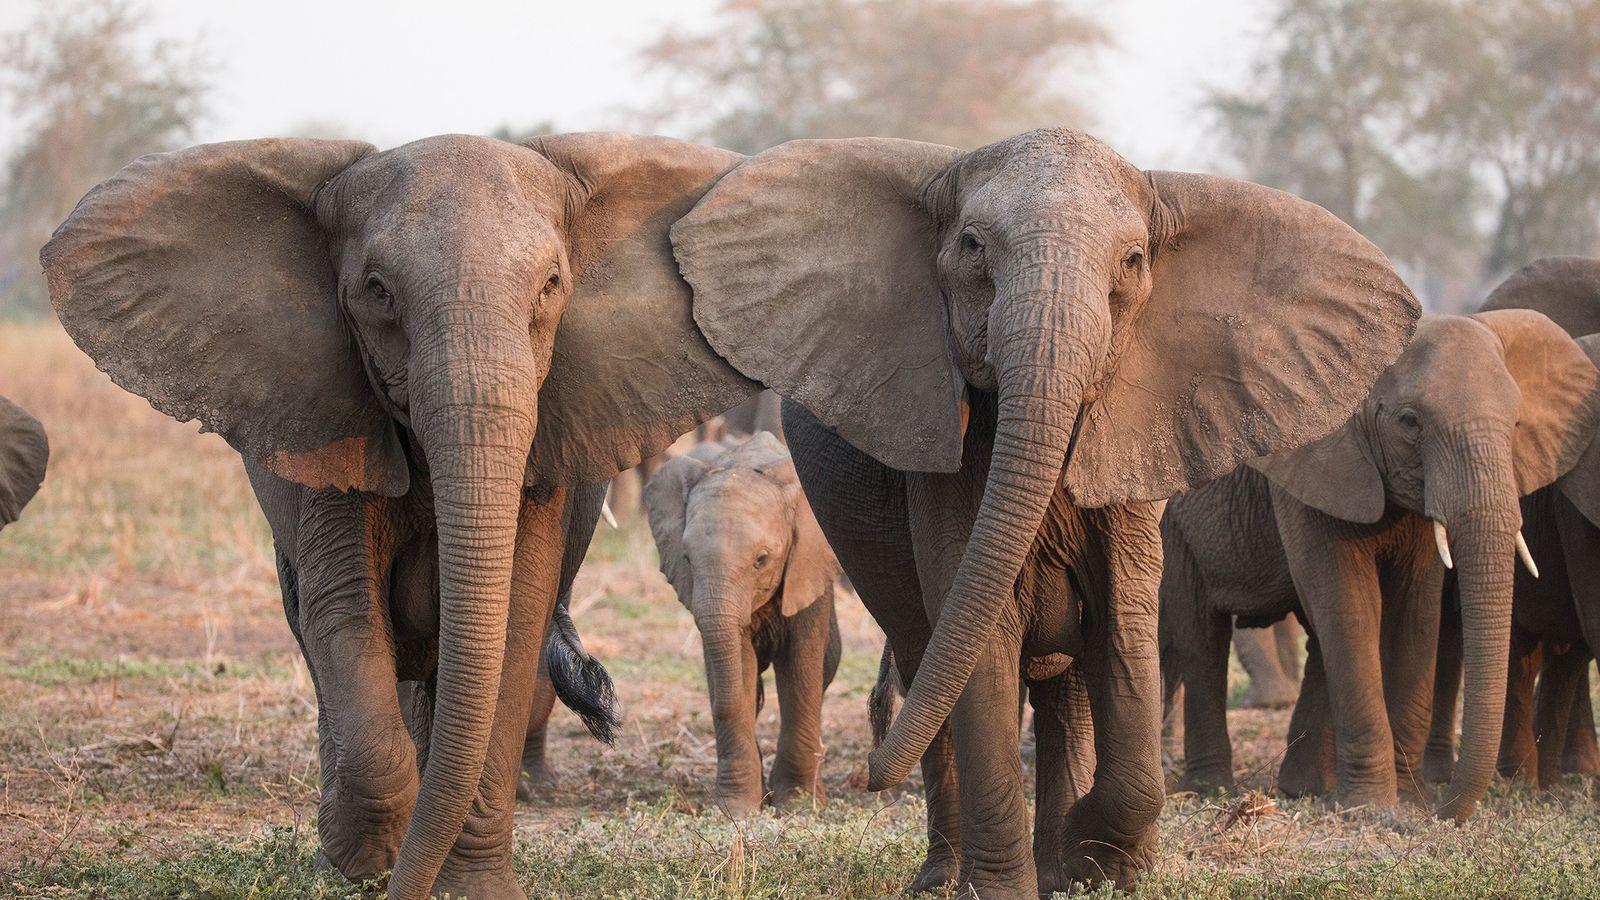 Los elefantes con el extraño rasgo genético de falta de colmillos tienen más probabilidades de sobrevivir ...